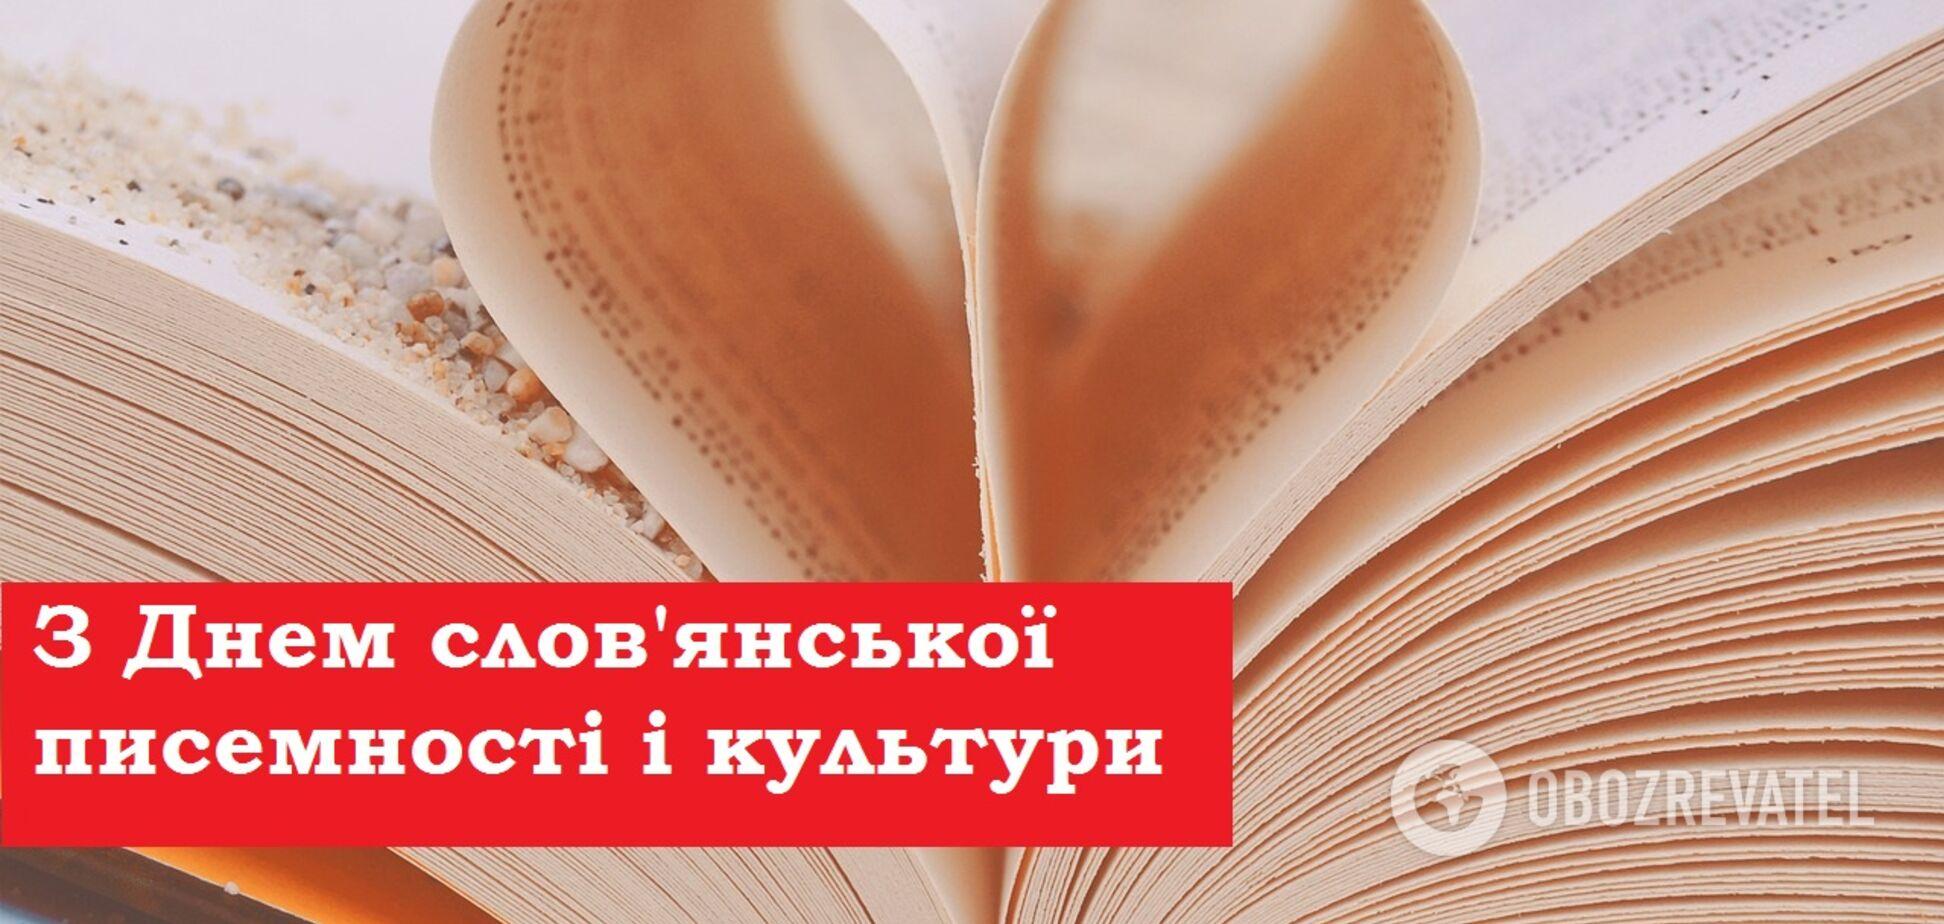 День слов'янської писемності в Україні 2020: у чому заслуга Кирила і Мефодія